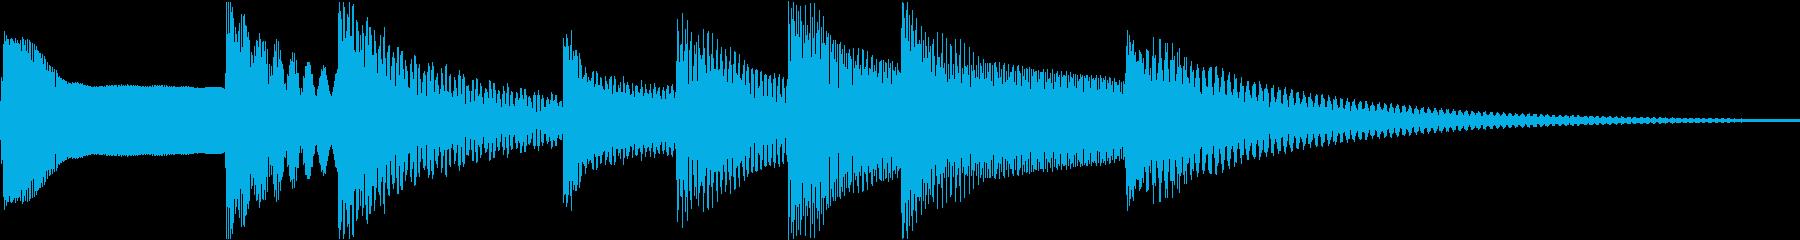 シンプルベル お知らせ ハテナ ? 27の再生済みの波形